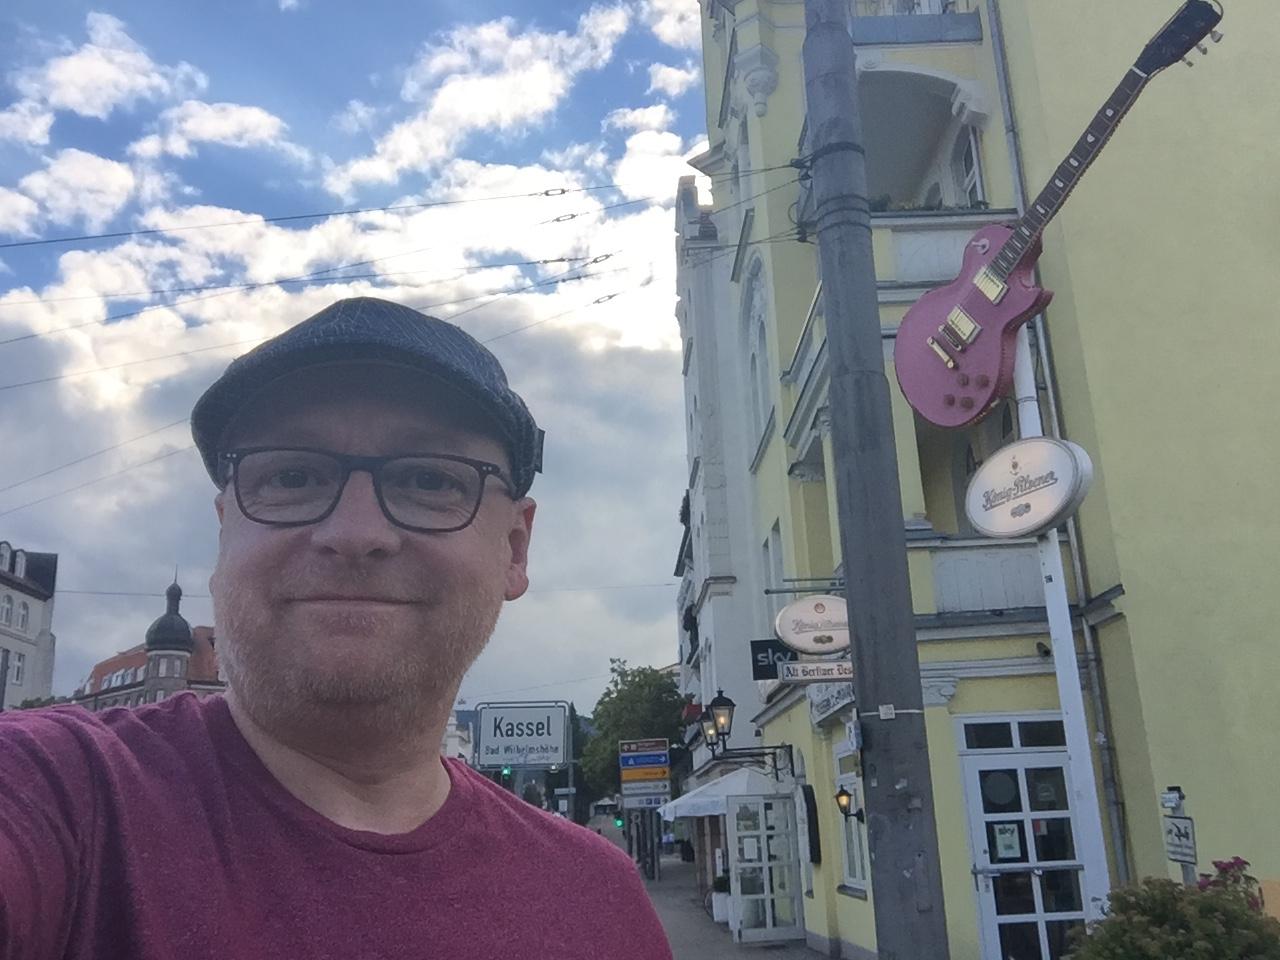 Selfie in Kassel